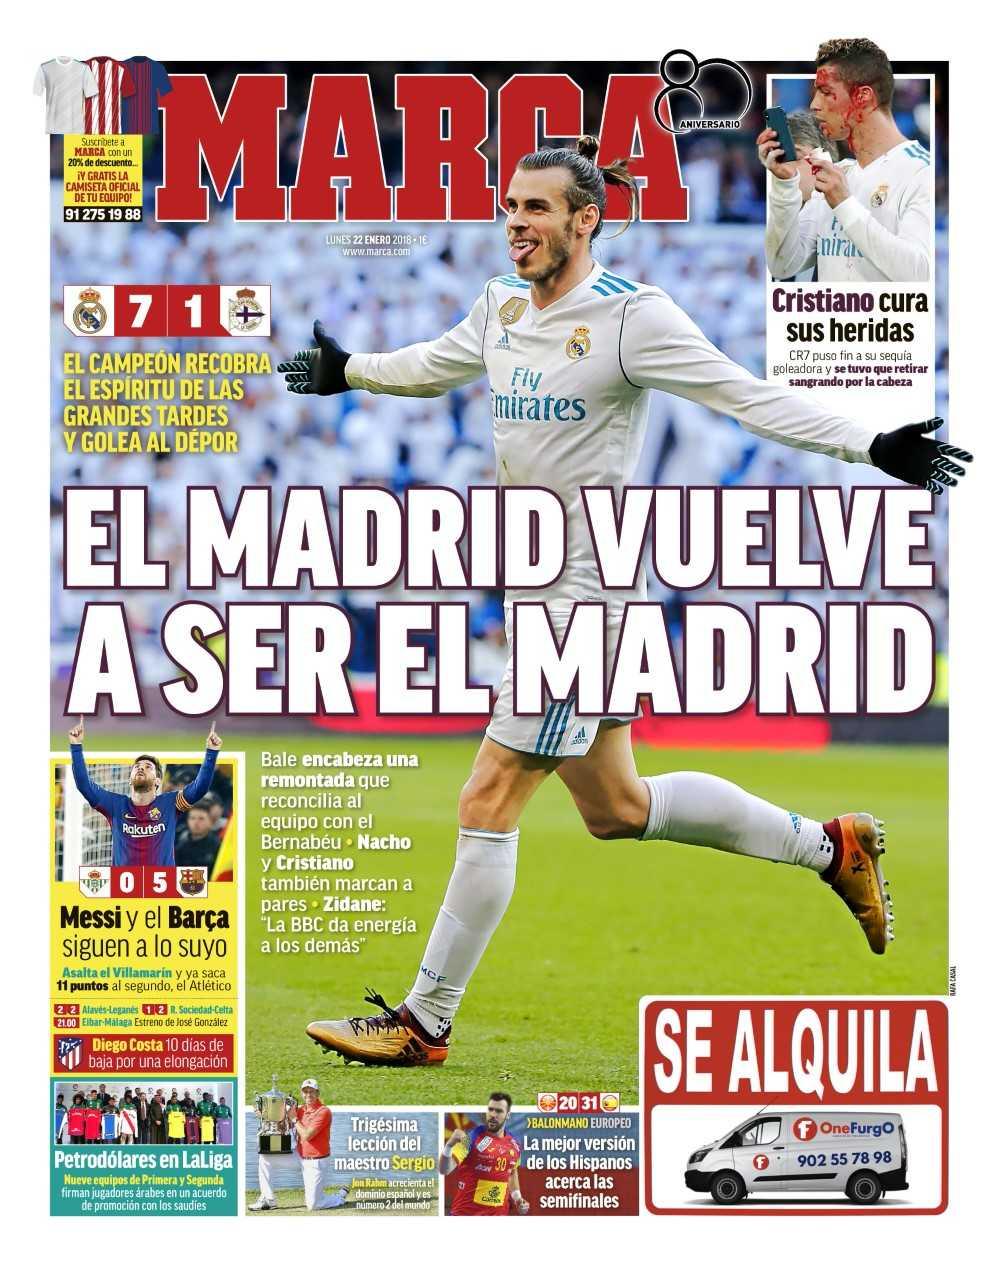 #LaPortada El Madrid vuelve a ser el Madrid https://t.co/flKz0g99Fy